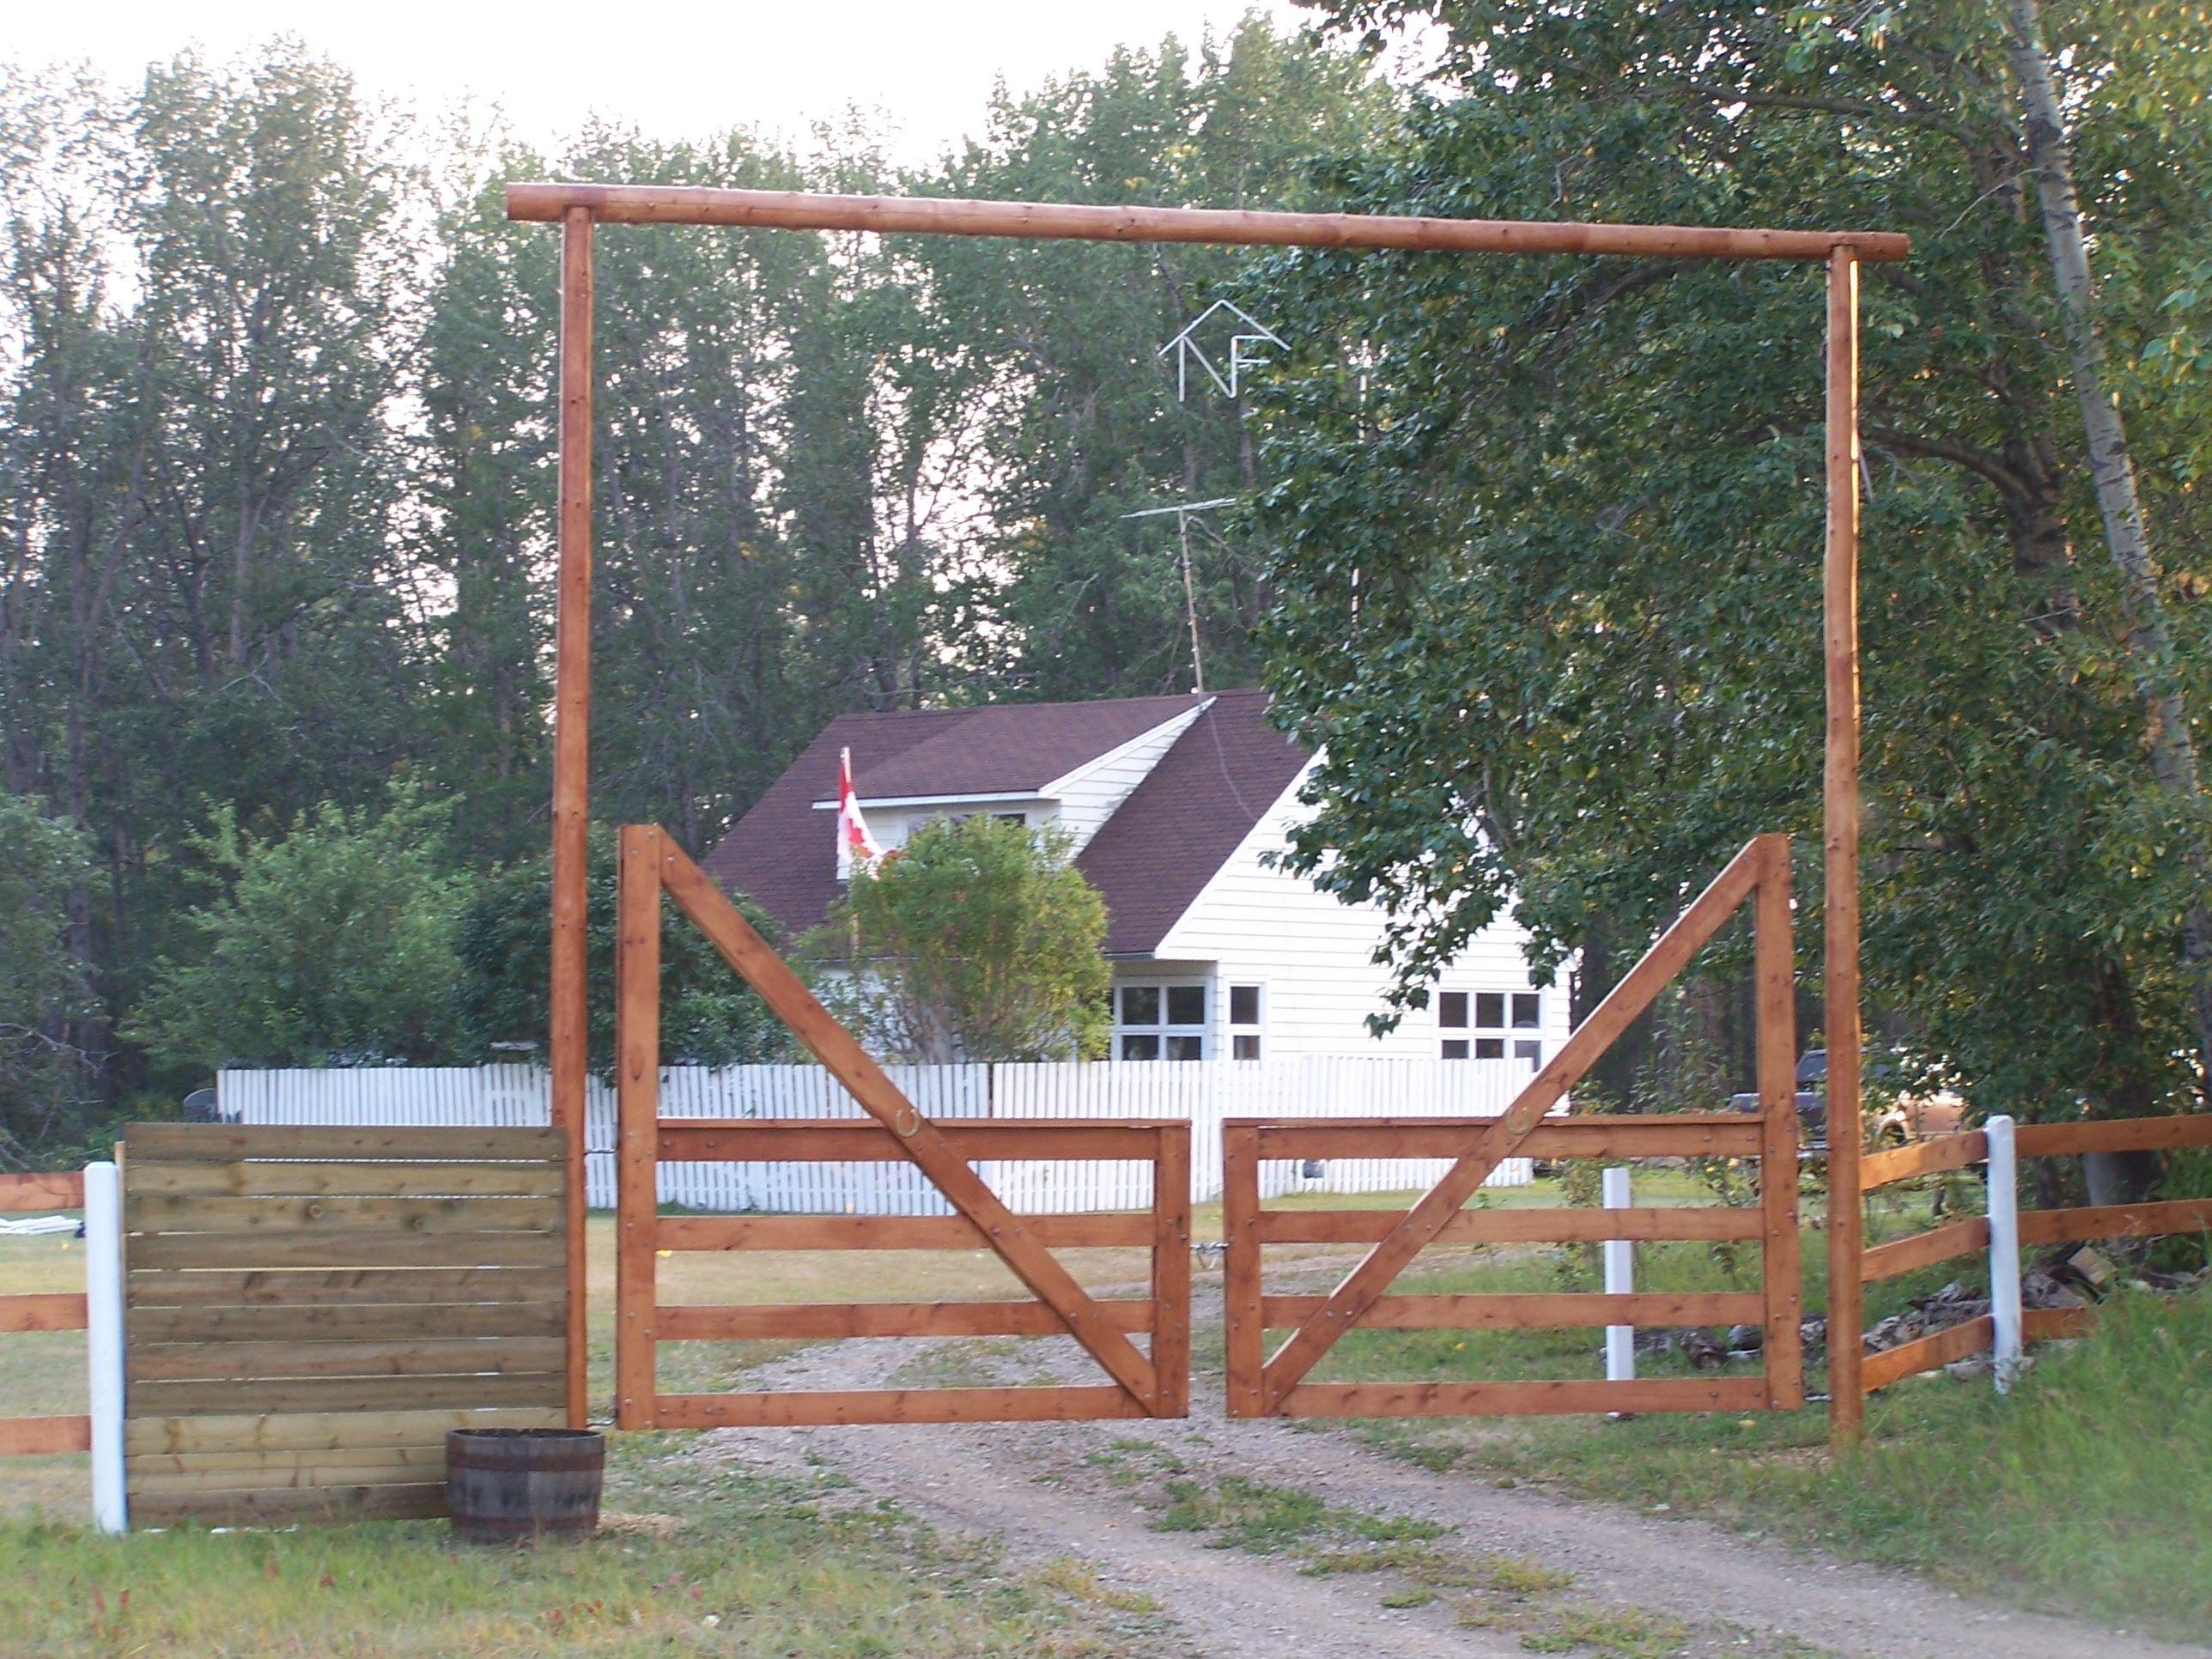 Ranch Gate Ranch Gate Entrances In 2019 Farm Gate